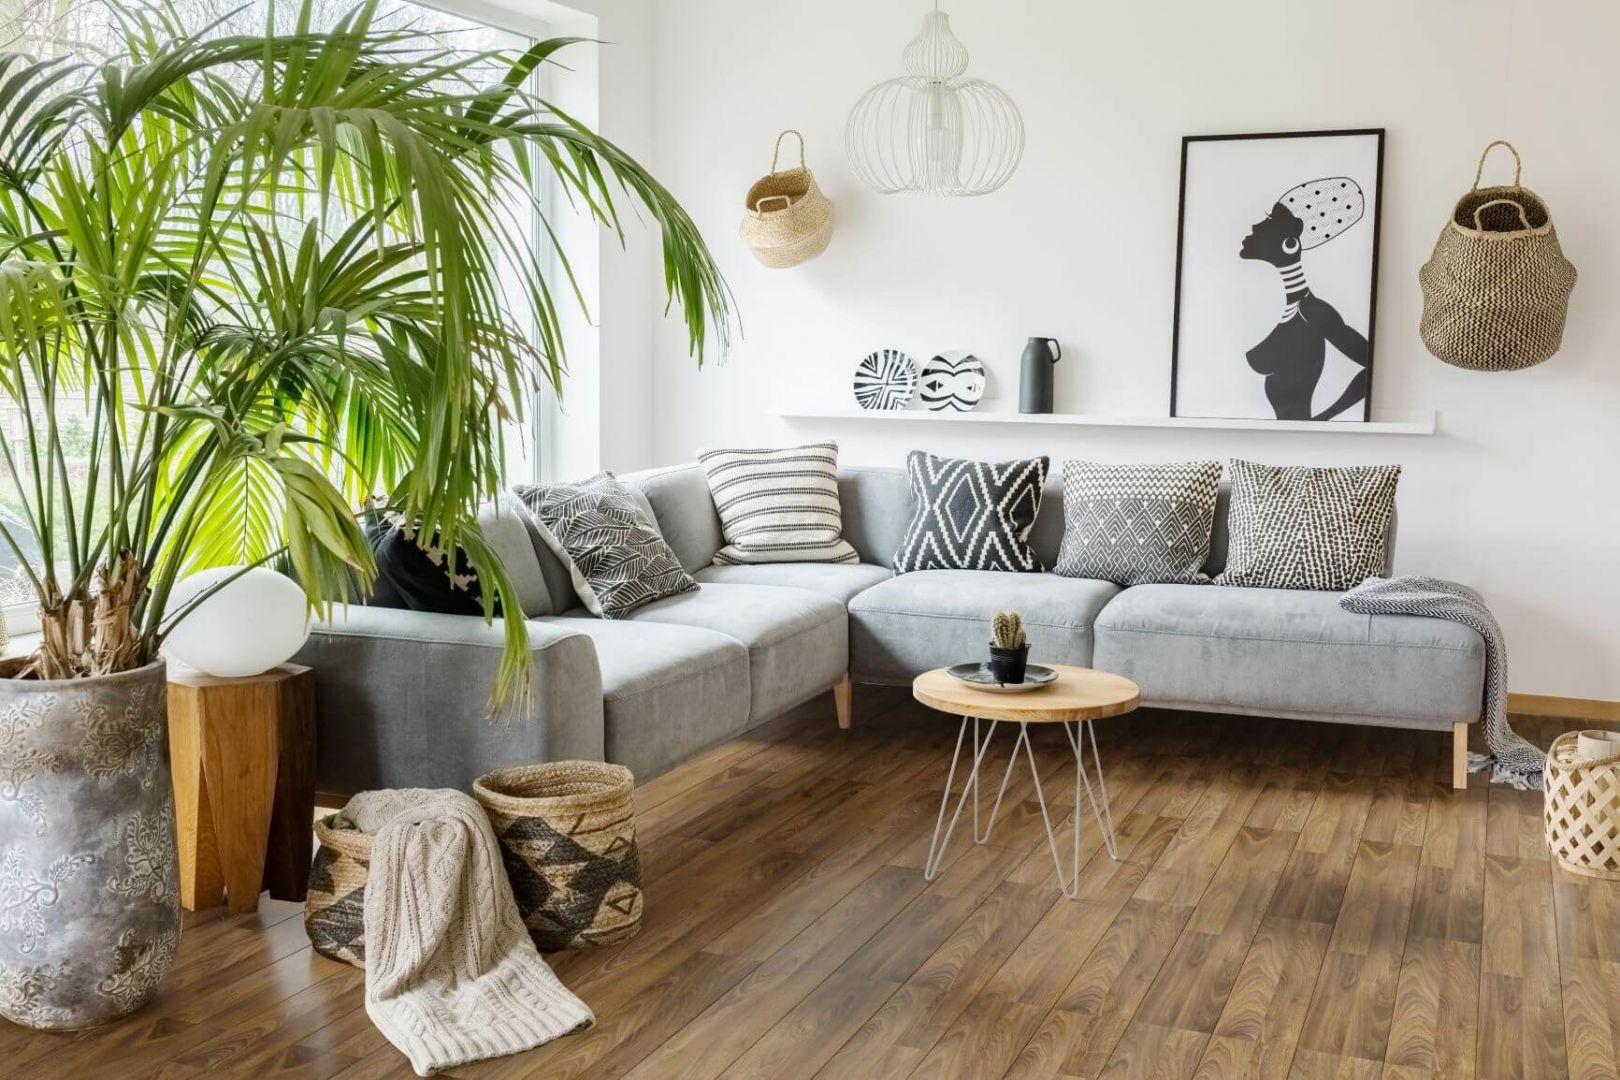 Podłoga w salonie - pomysł na podłogę z paneli. Panele podłogowe Wiparquet Authentic 8 Realistic Dąb Szary. Fot. RuckZuck